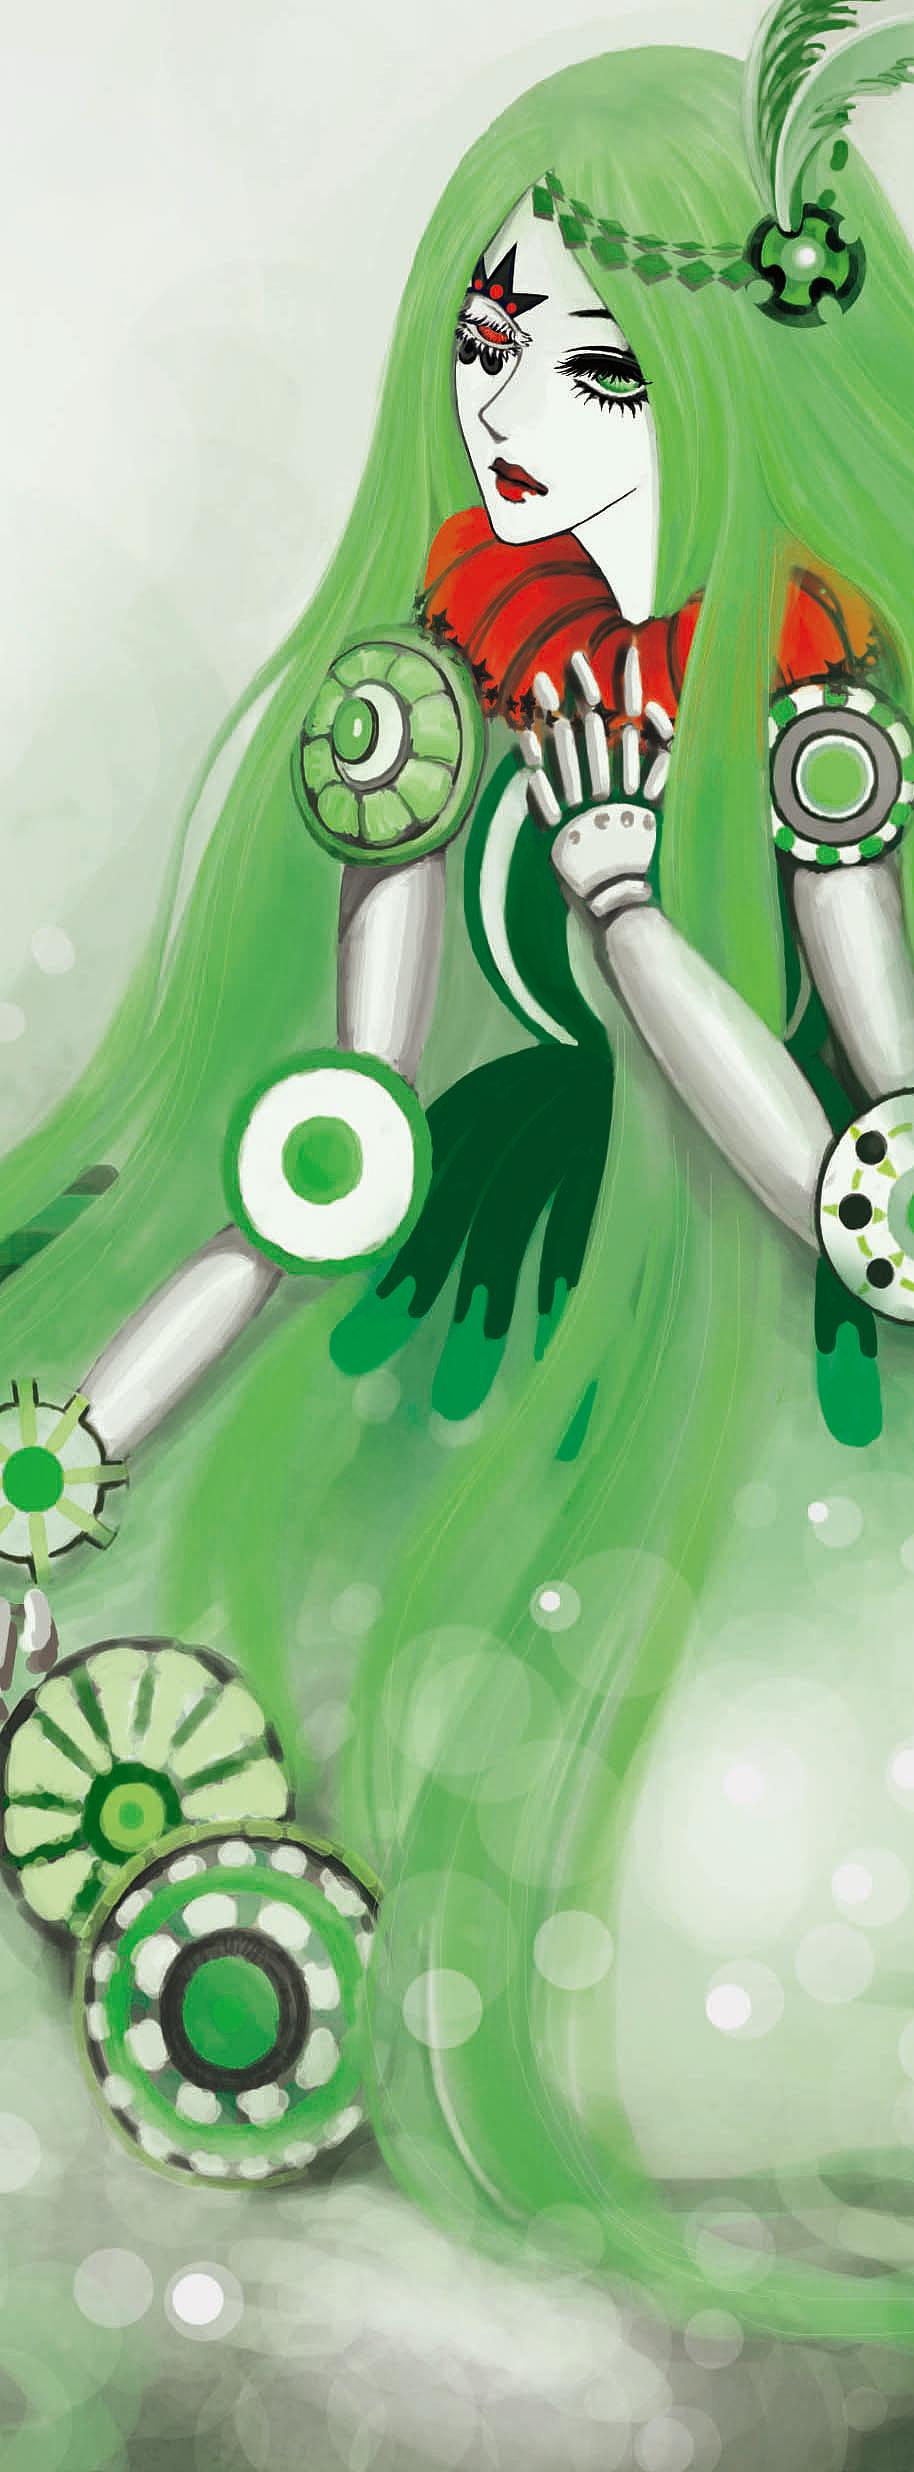 手绘板绿色悲伤木偶